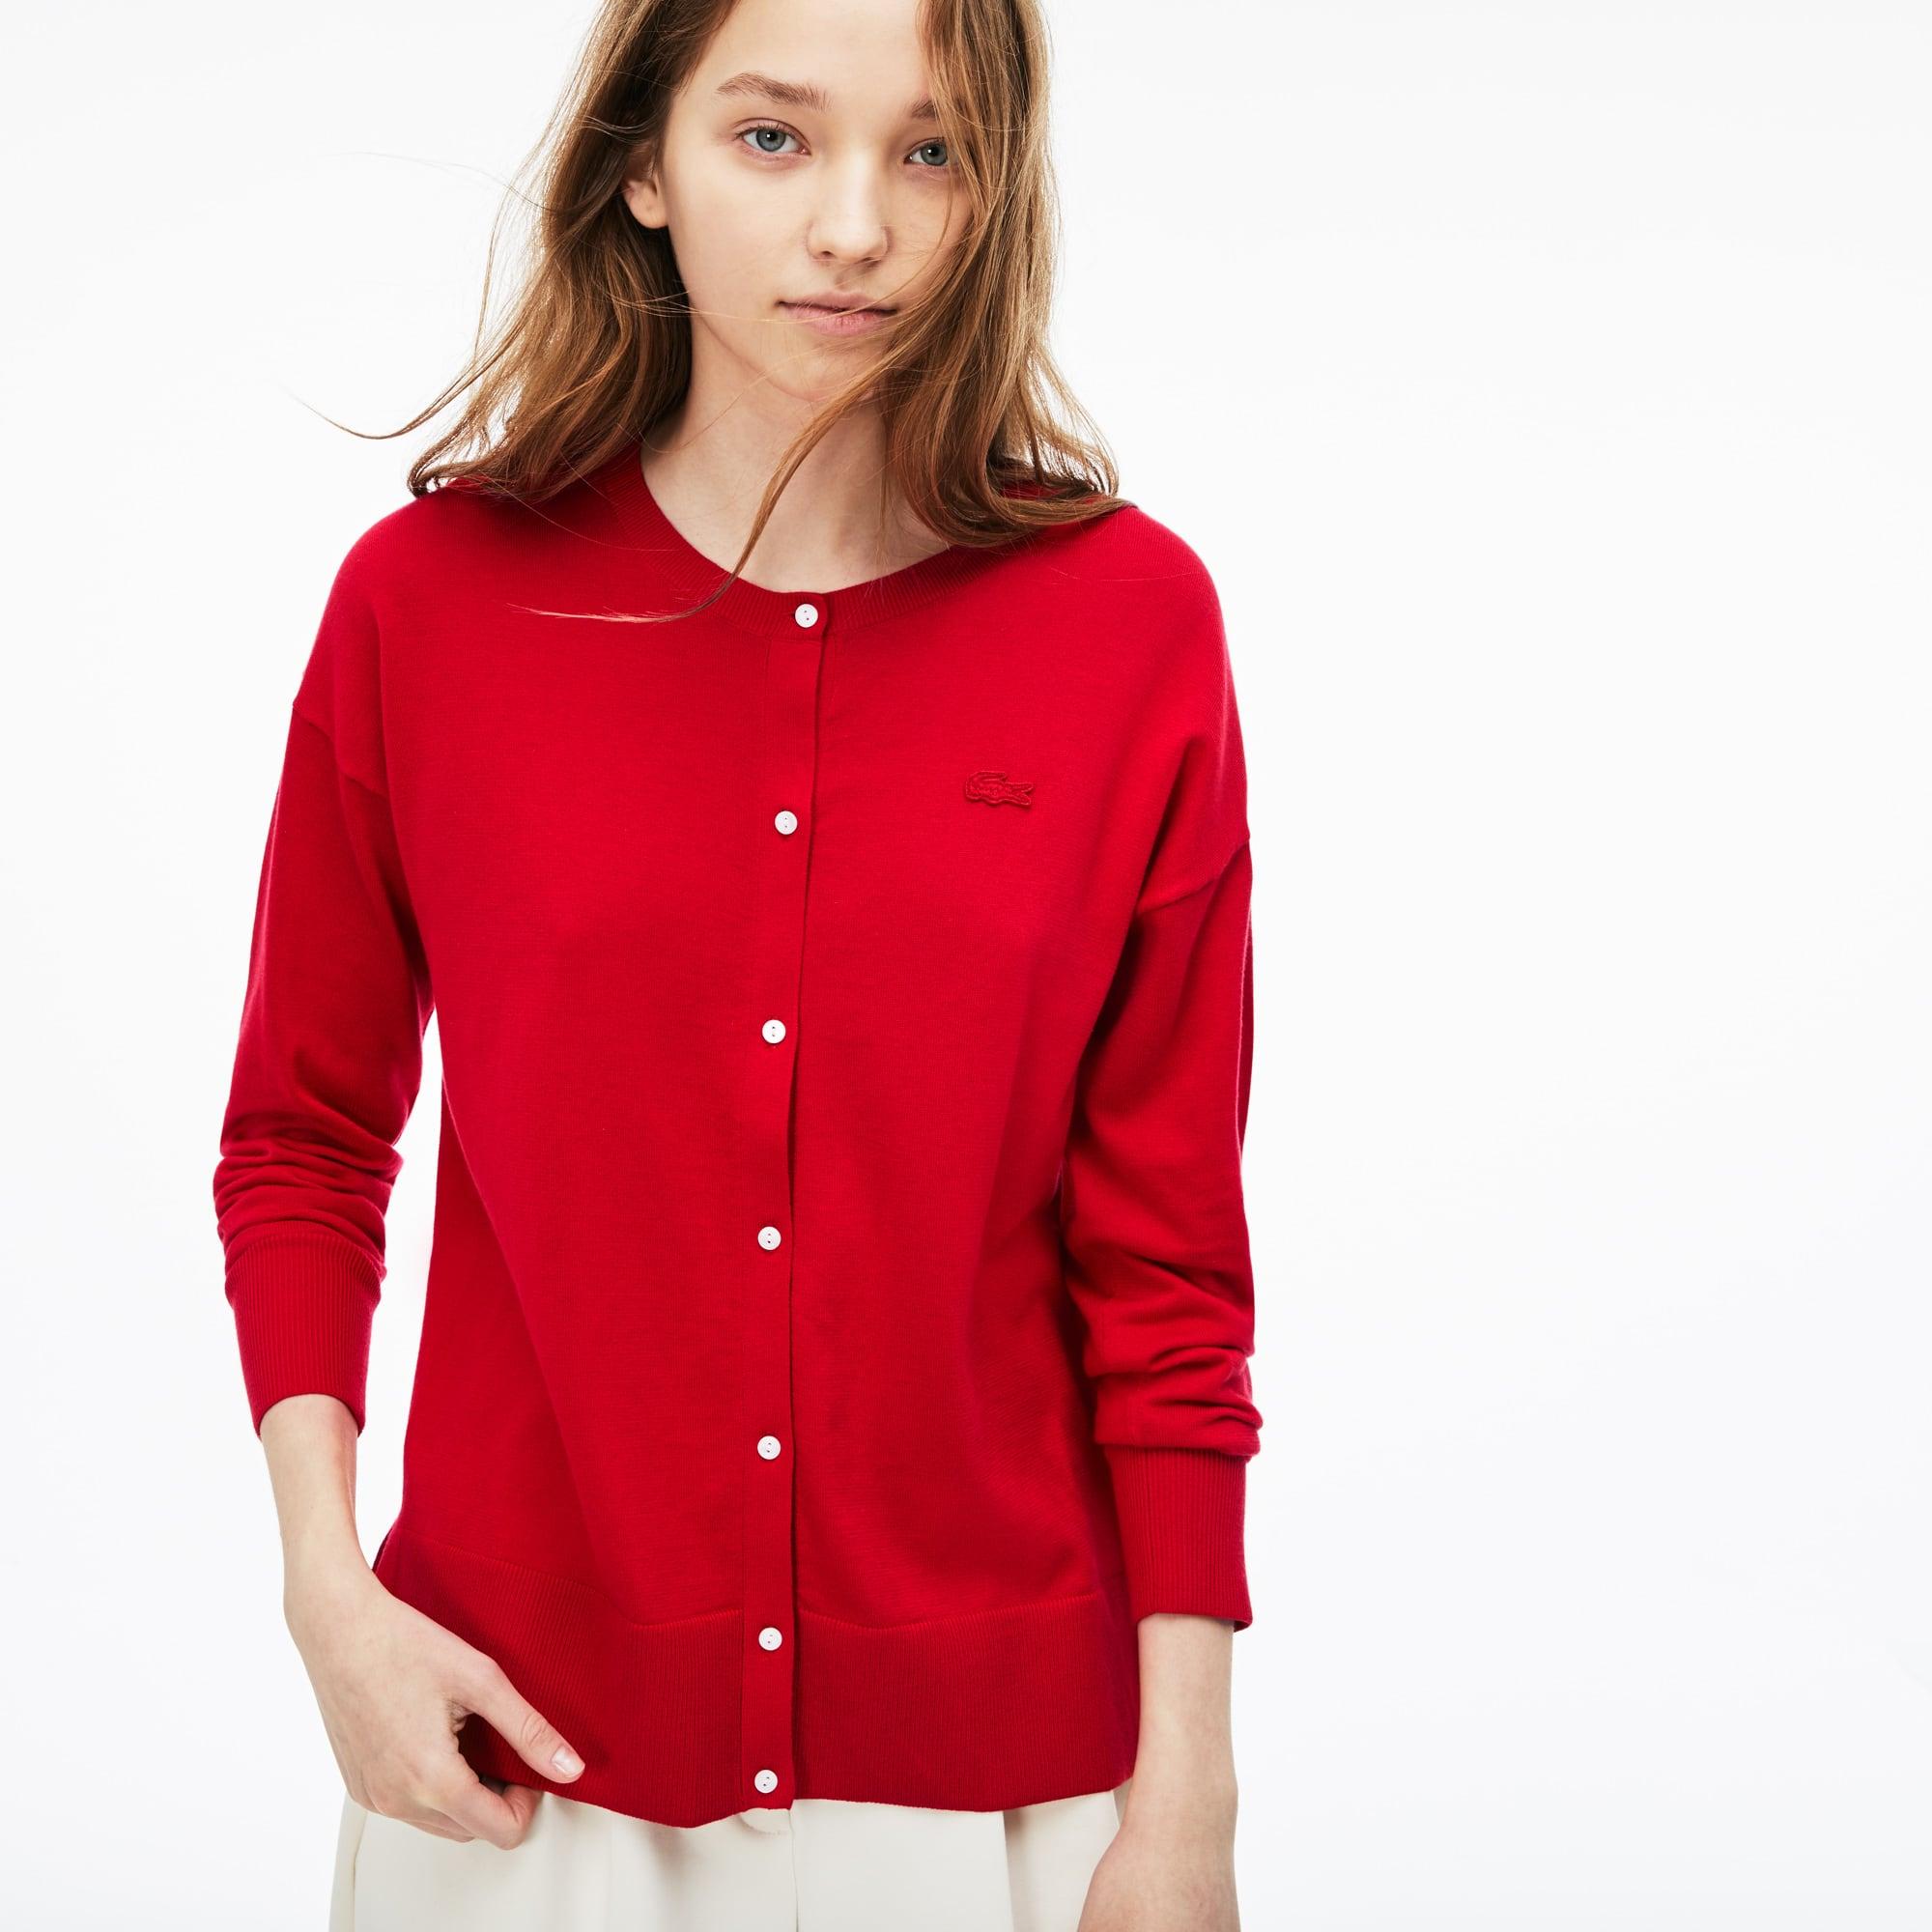 Chaqueta cuello caja de punto jersey de algodón liso